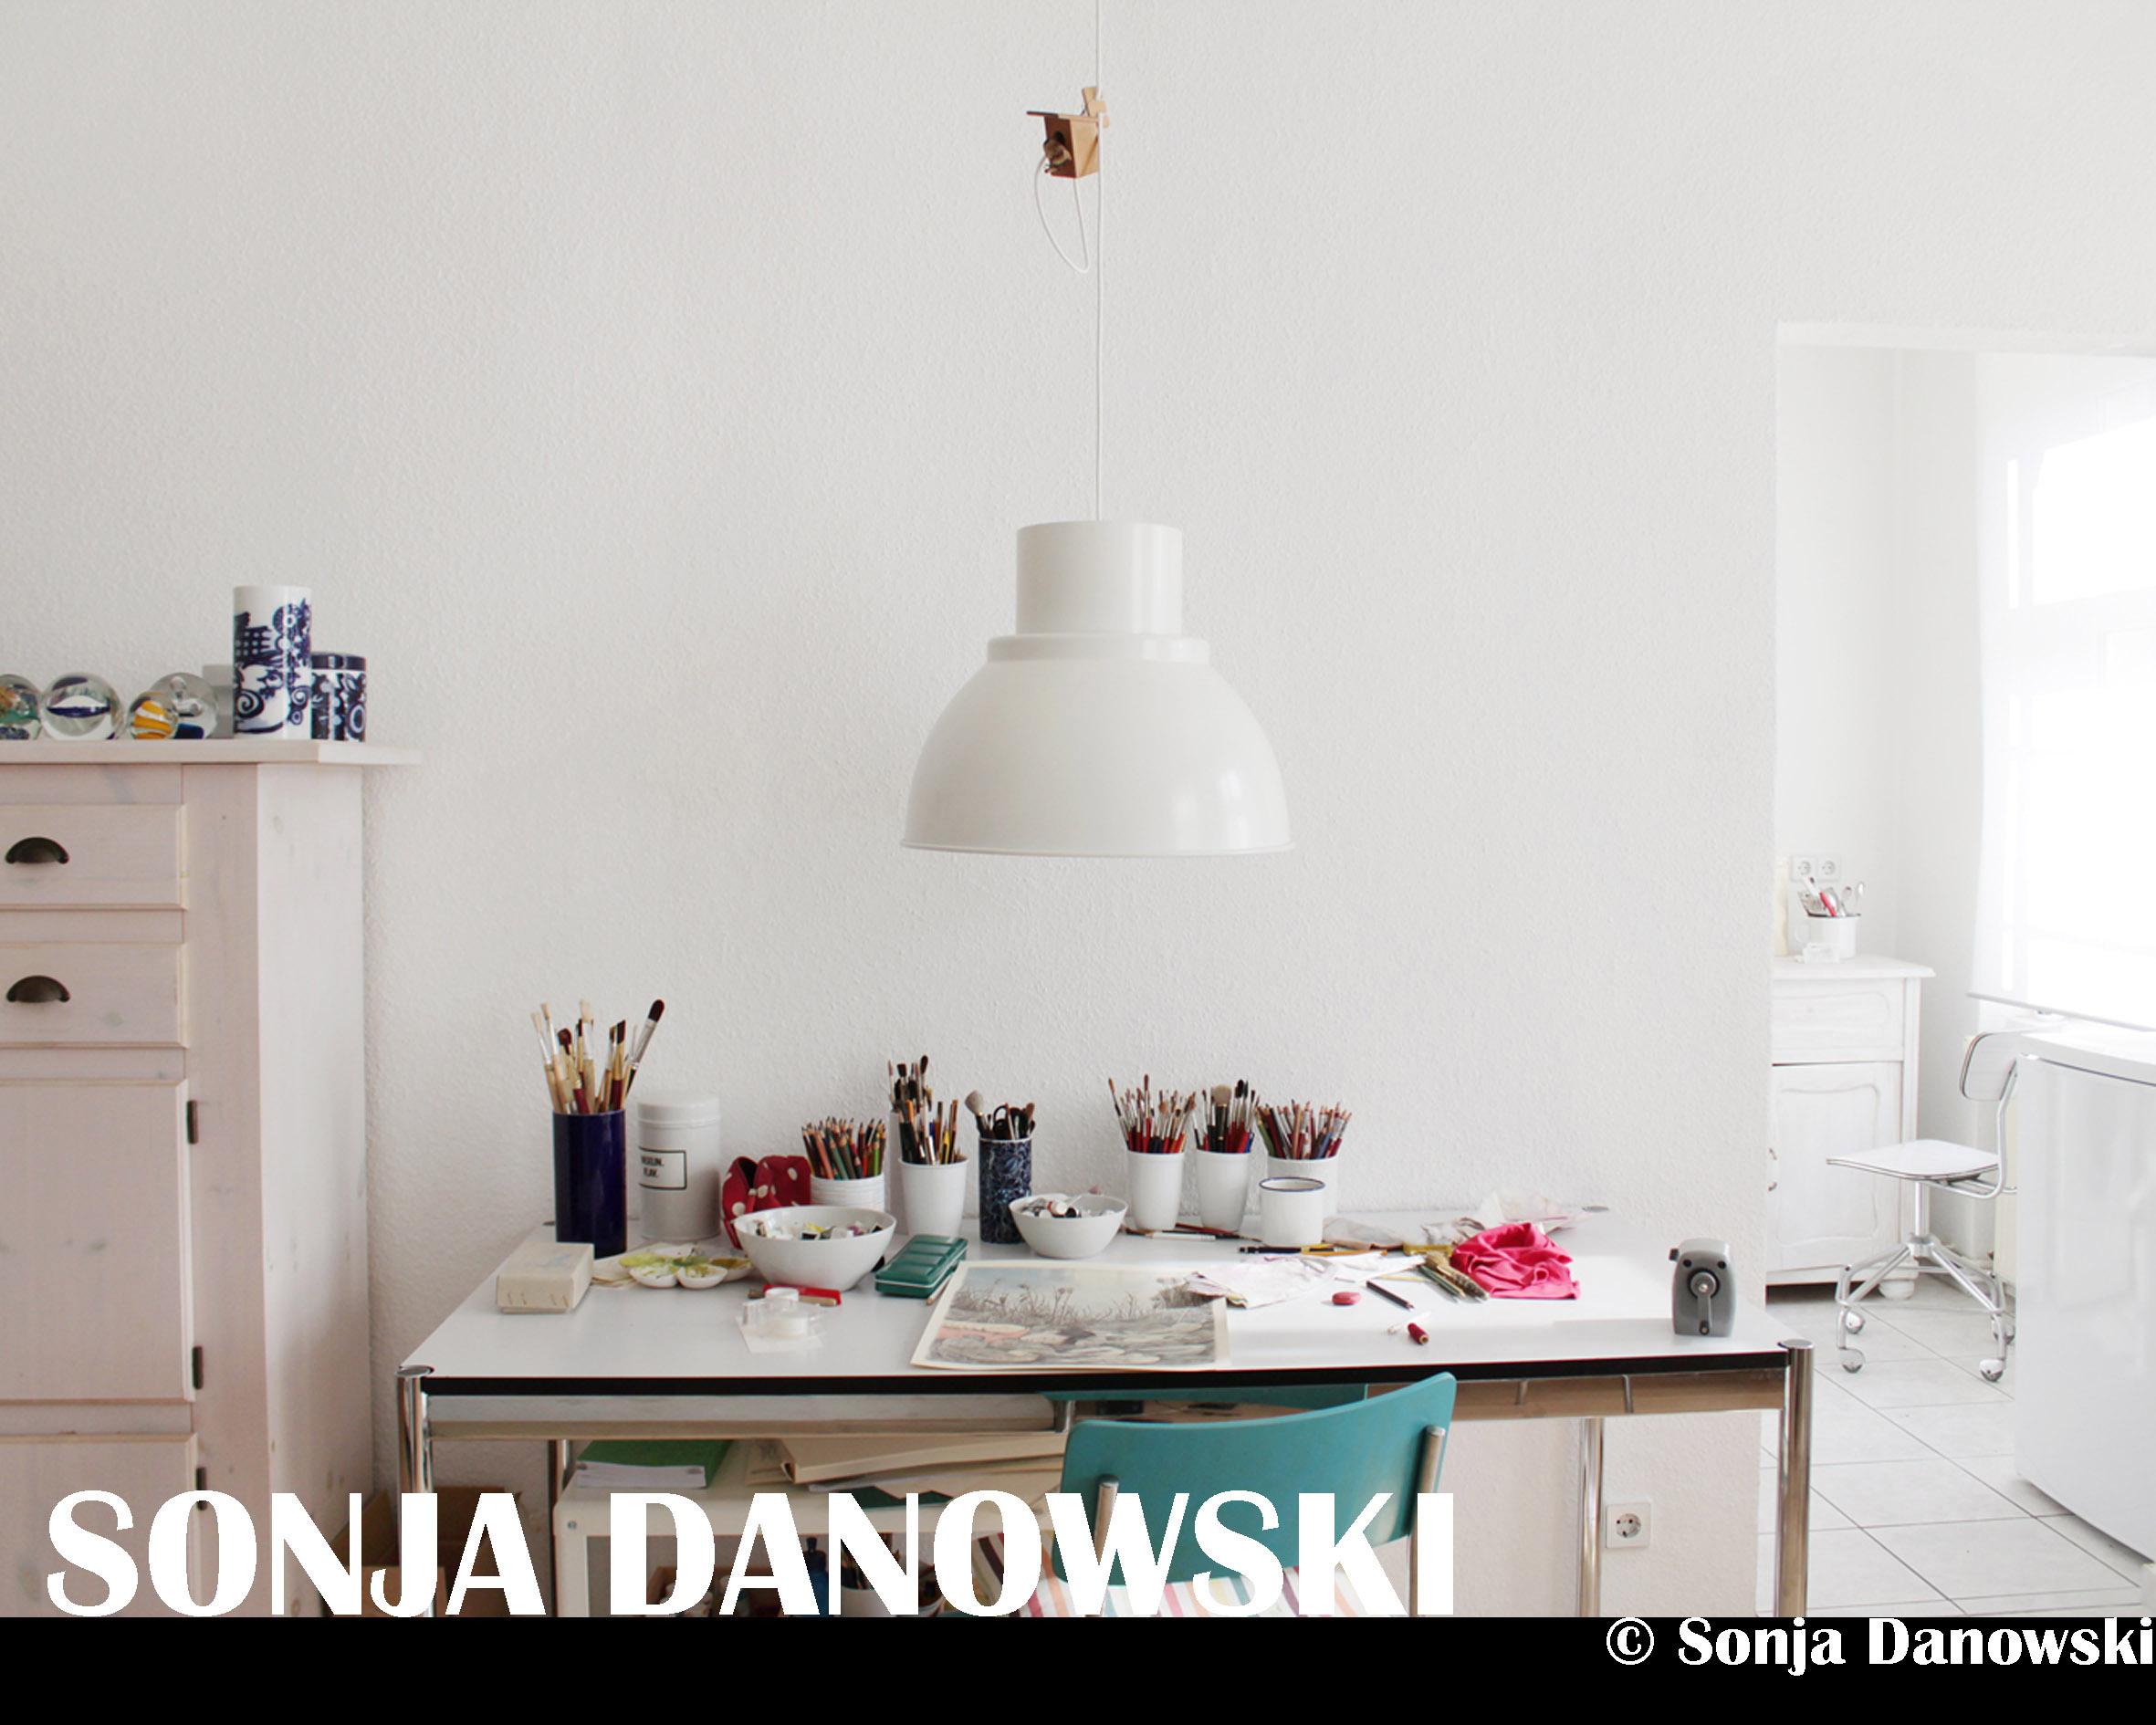 Sonja Danowski